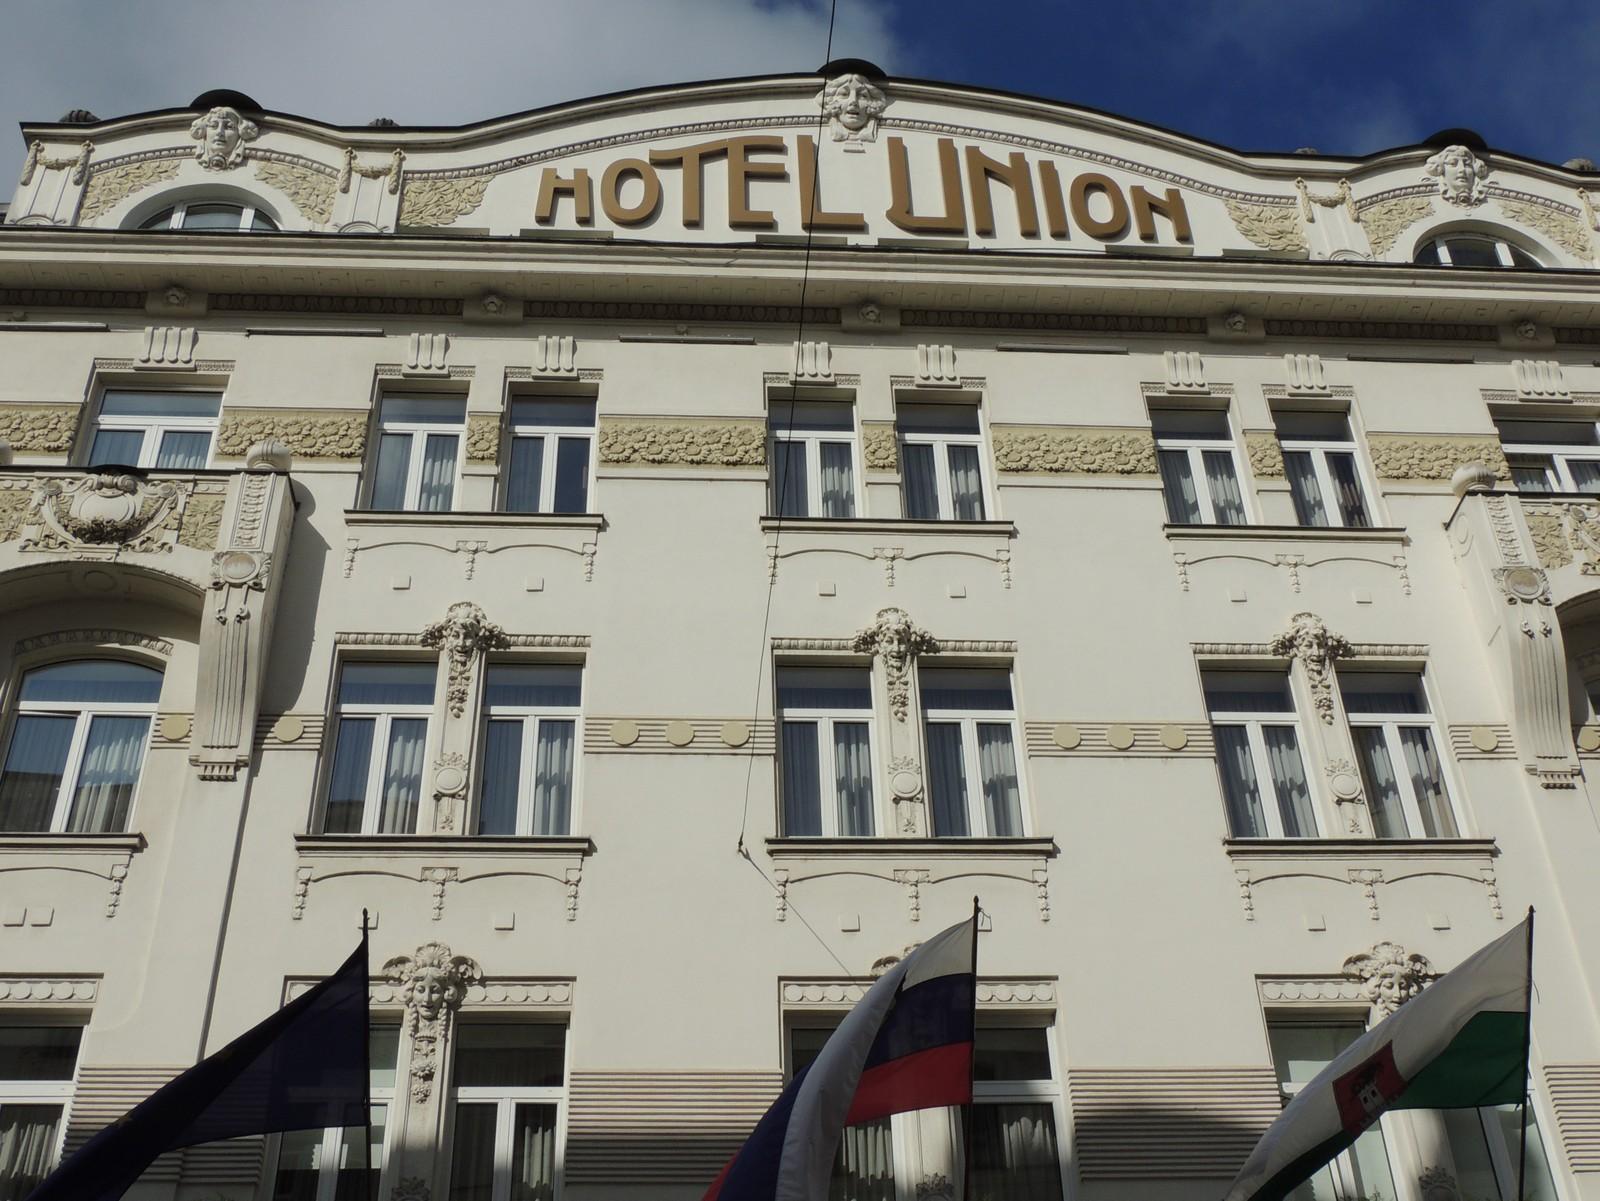 Hotel Union Laibach